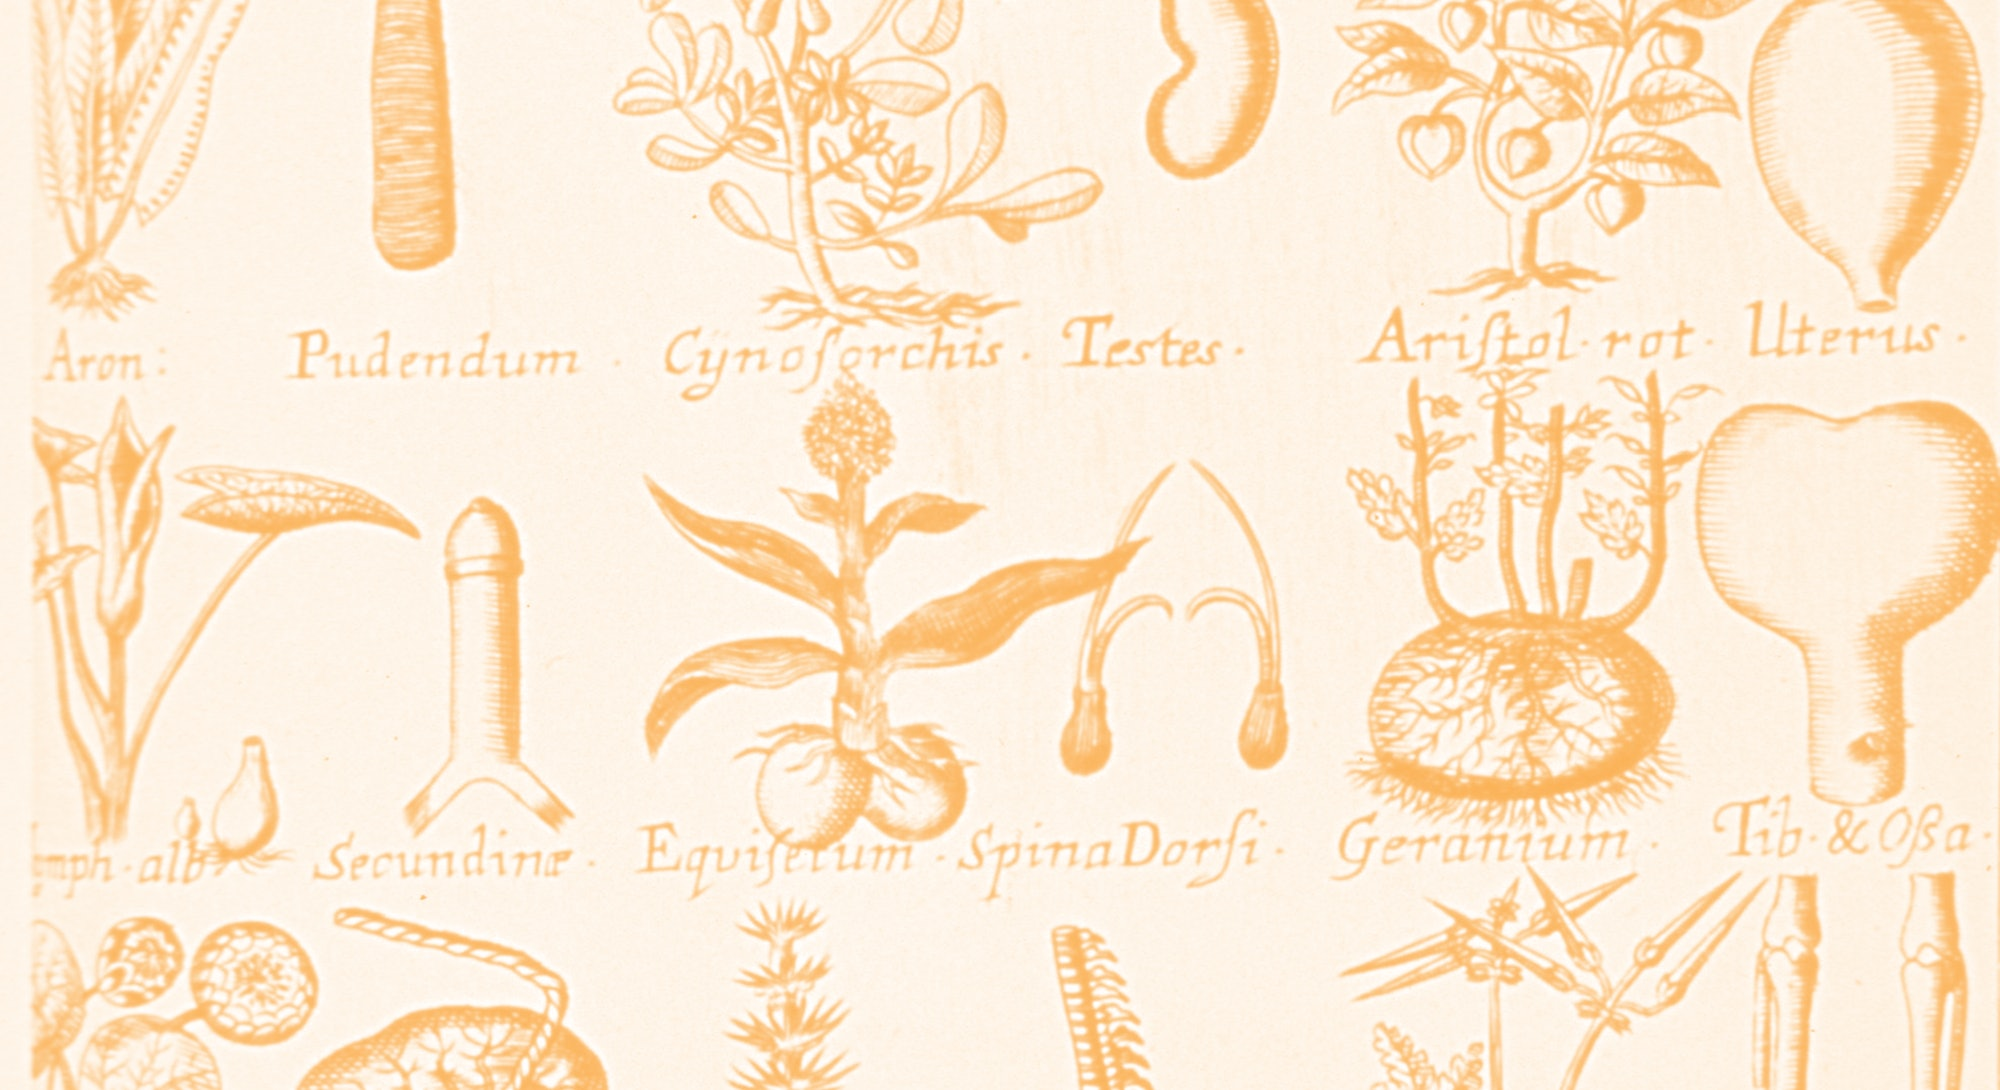 plants botany herbal remedies